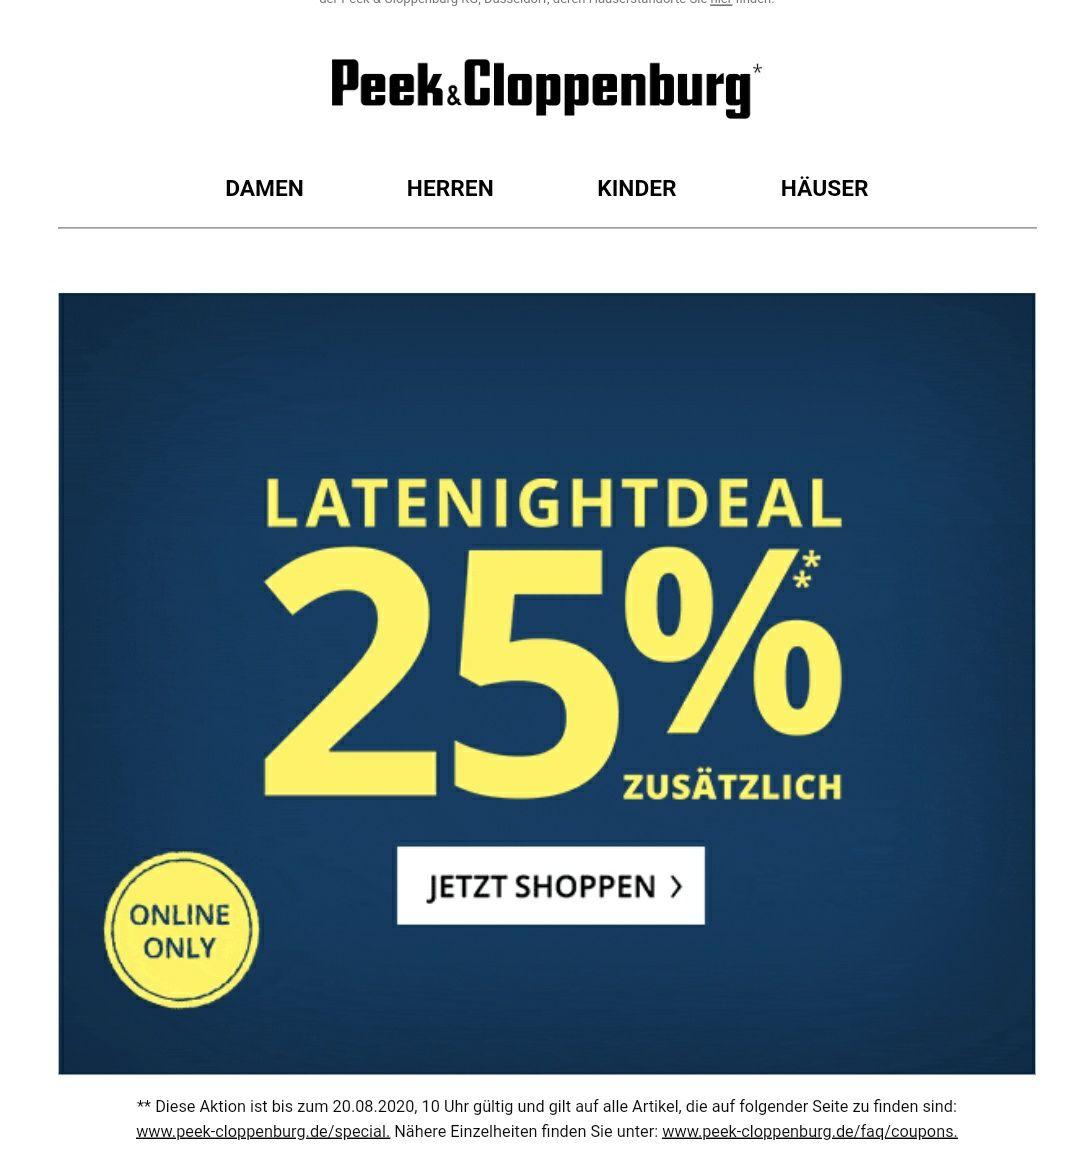 Peek & Cloppenburg 25 Prozent Late night Shopping nur online und nur bis 10 Uhr morgens Versandkosten frei !!!!